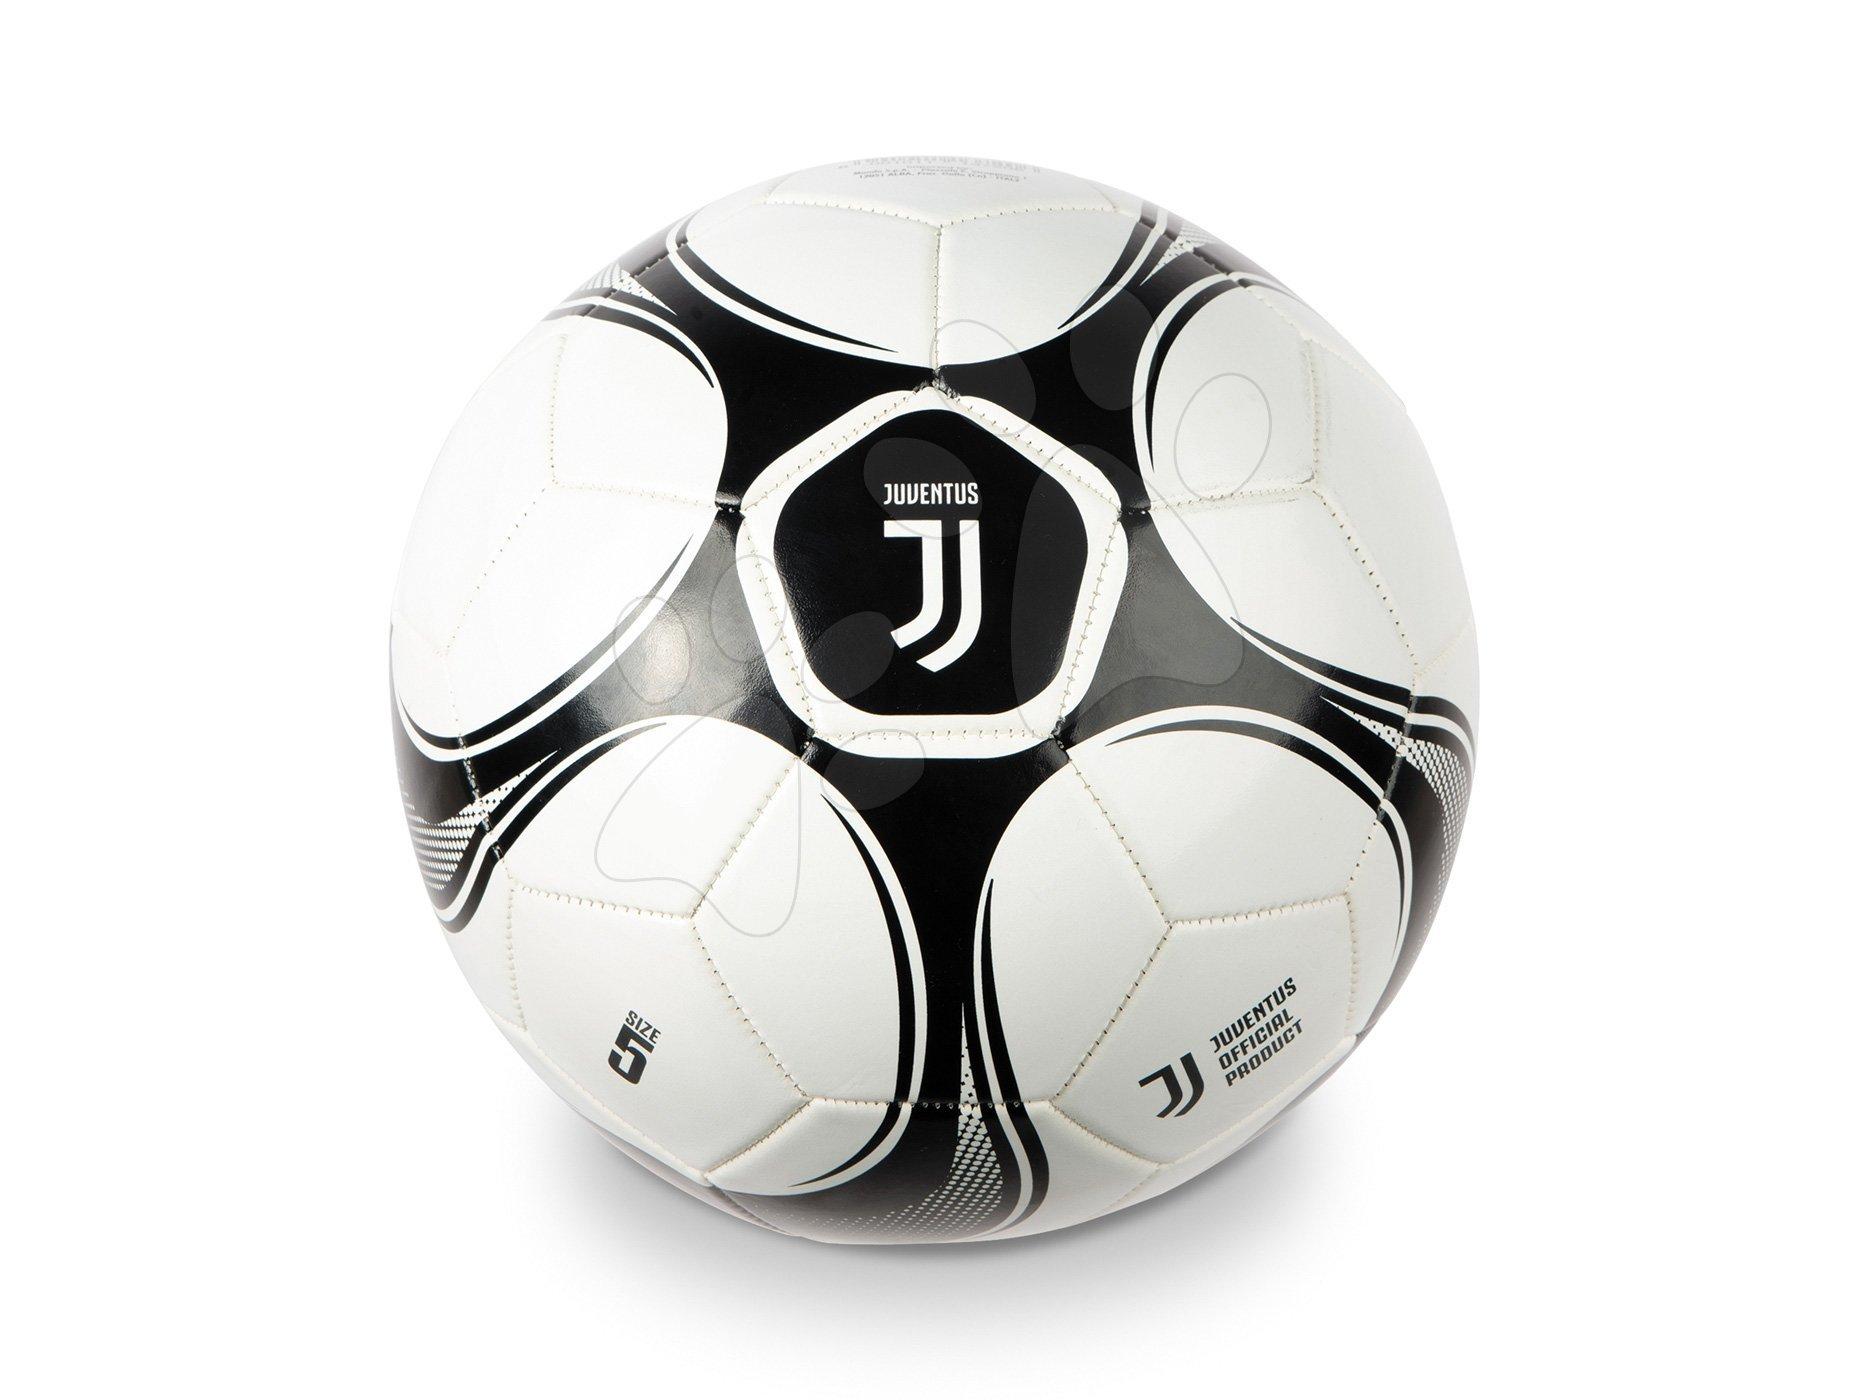 Sportovní míče - Fotbalový míč šitý F.C. Juventus Pro Mondo velikost 5